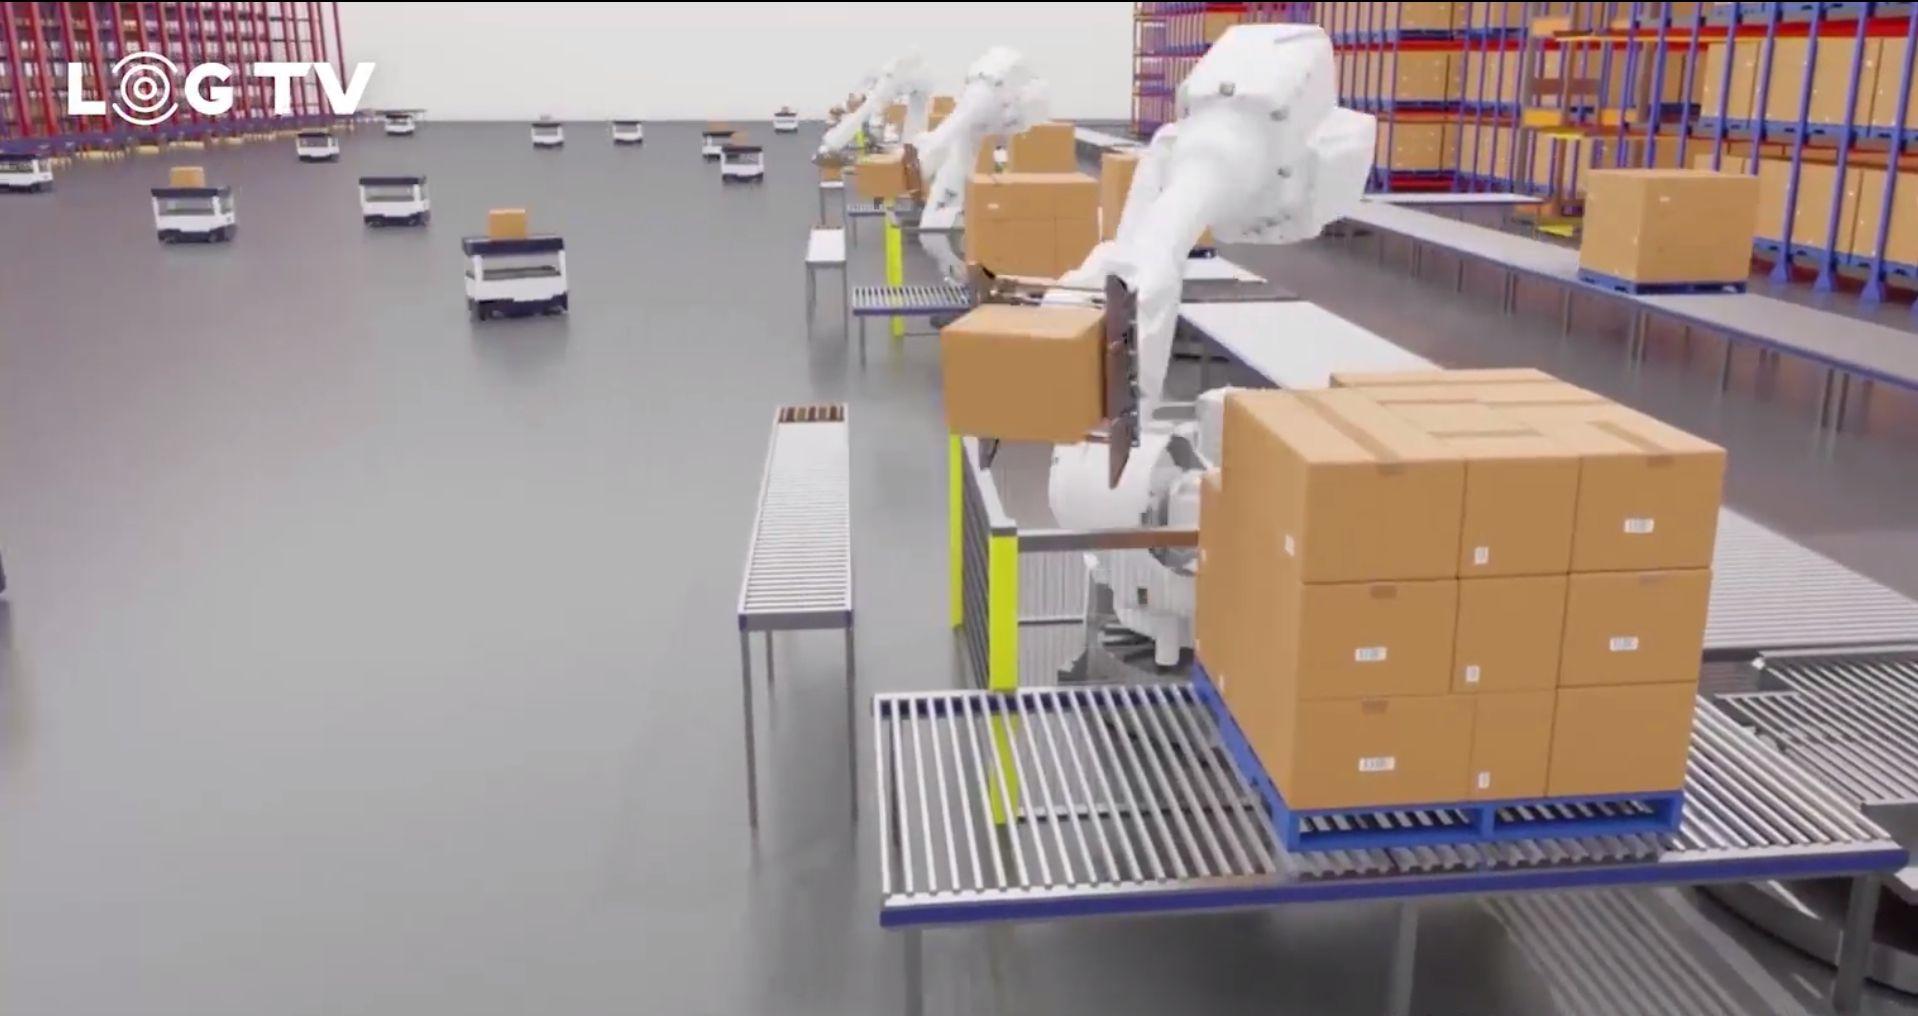 未來倉庫:裝卸、存取、揀貨全流程自動化